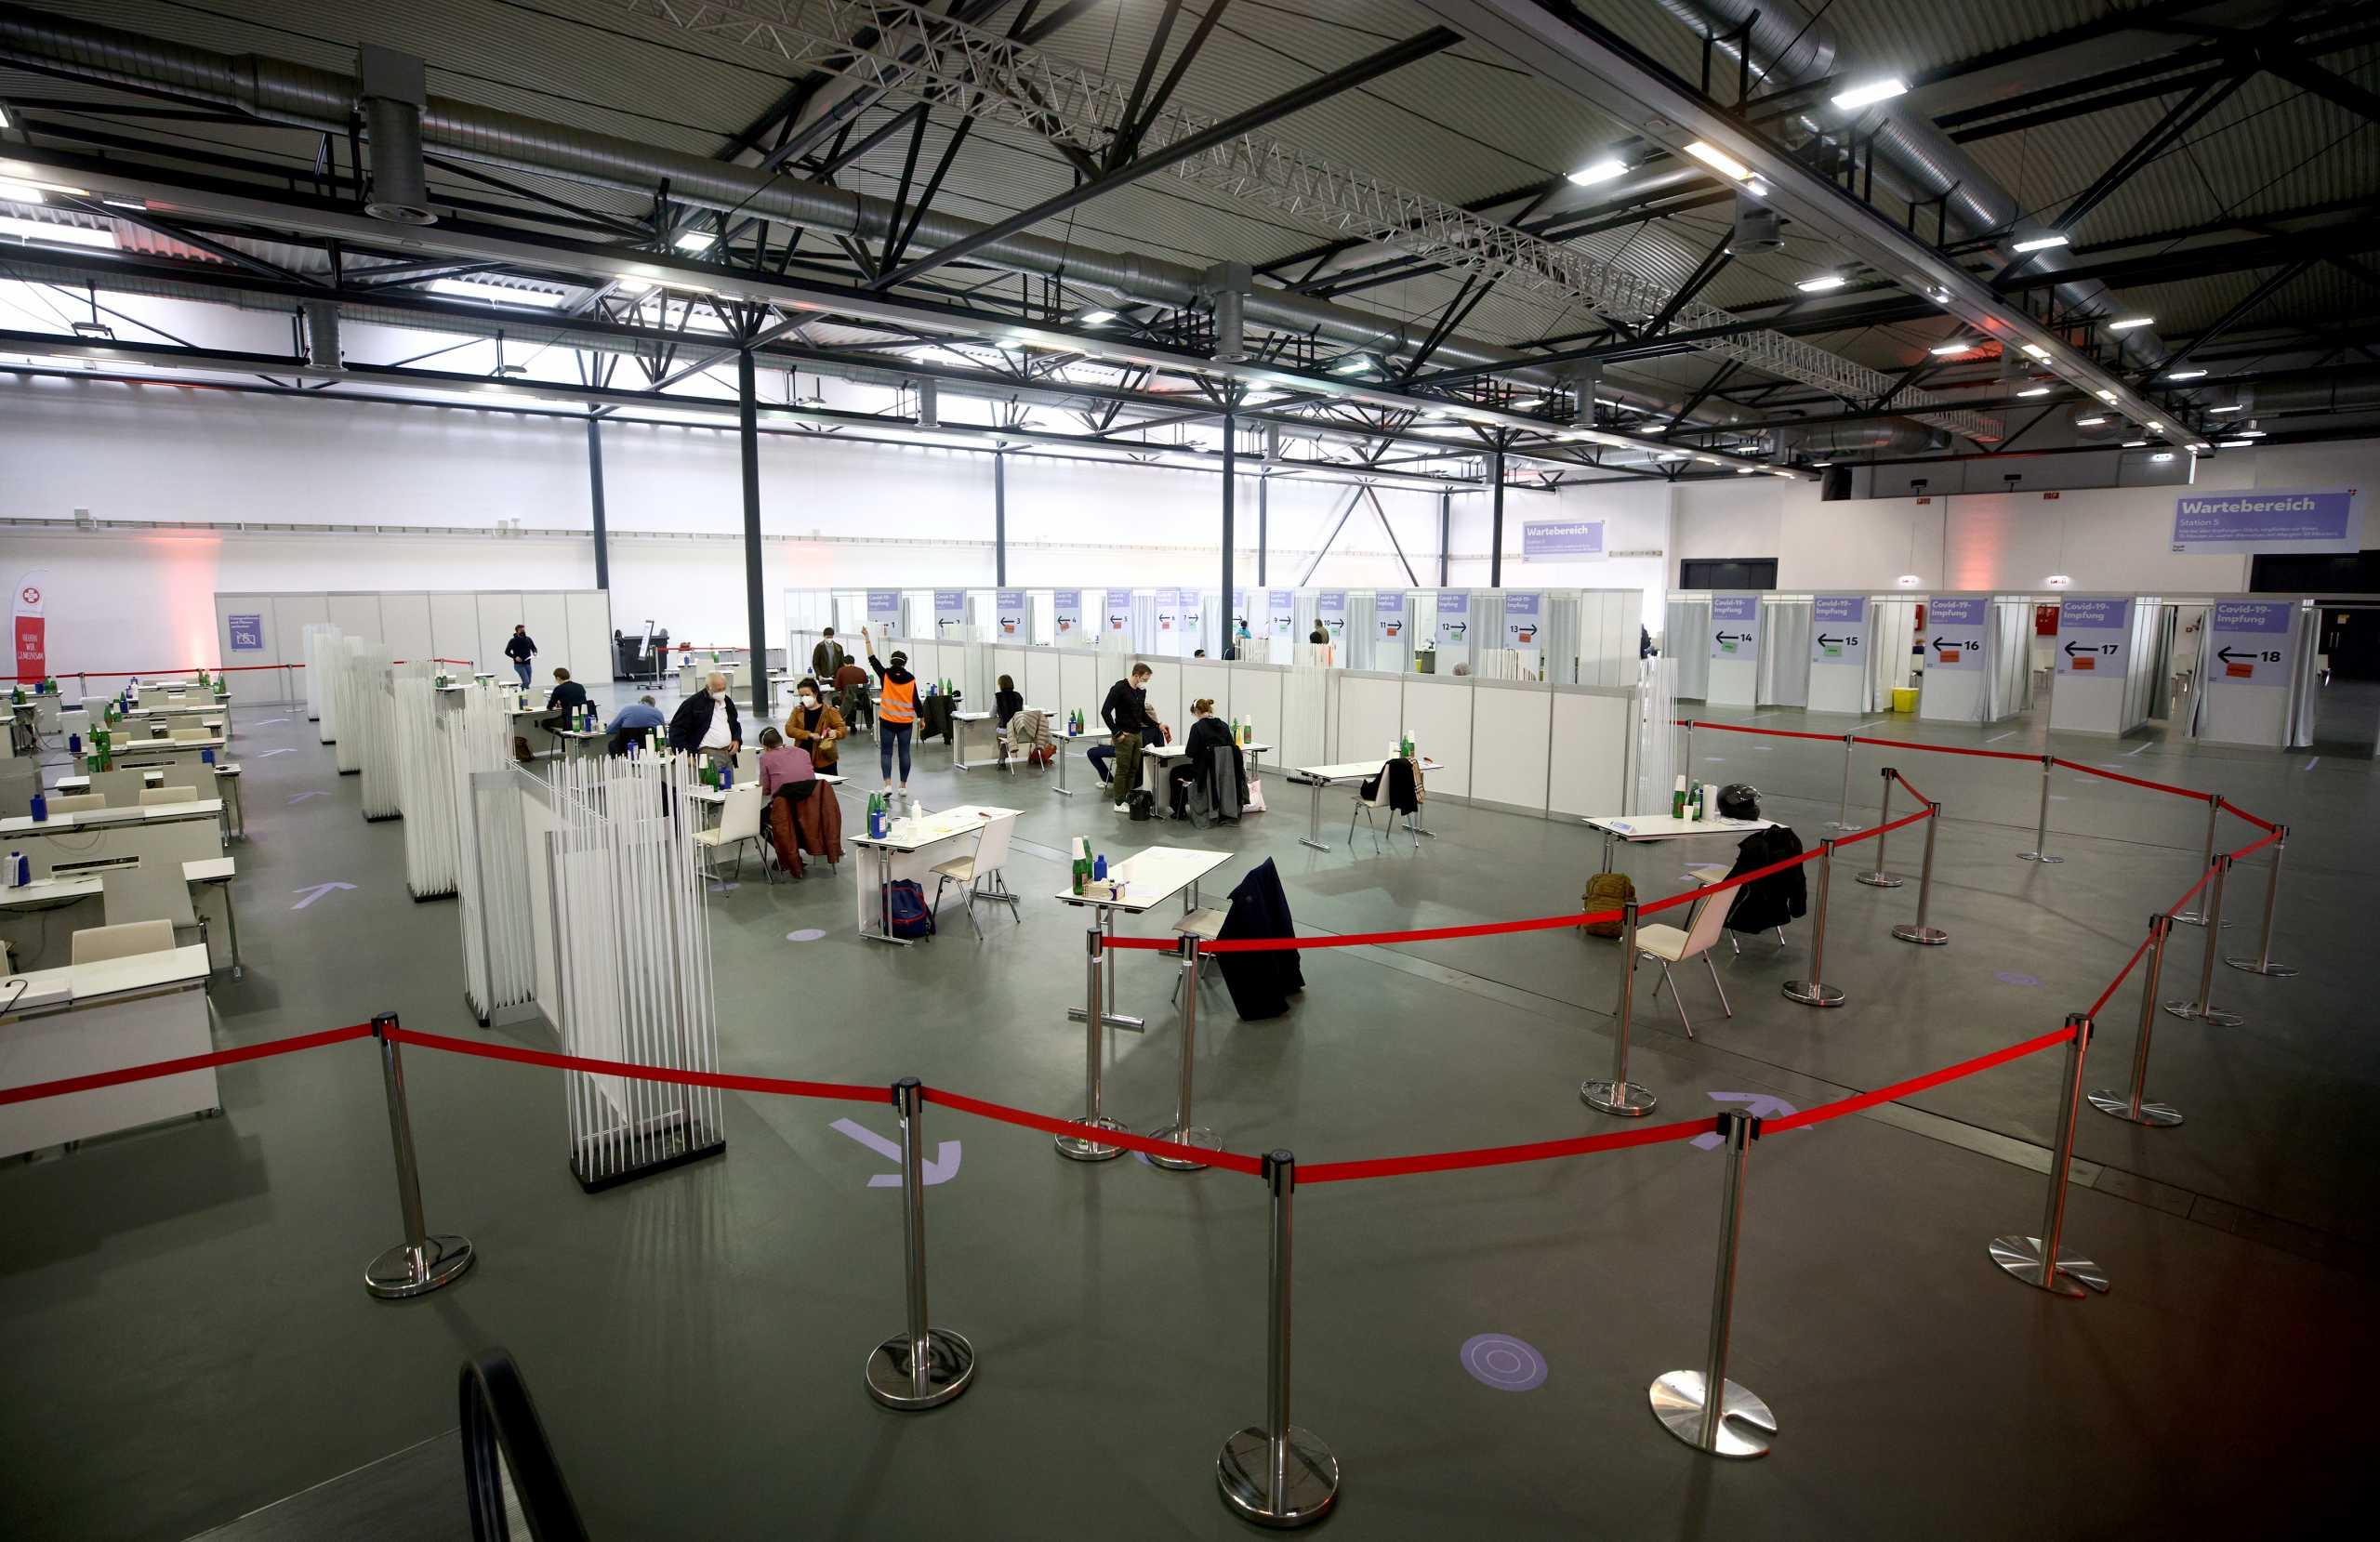 Αυστρία: Η κυβέρνηση δεν σχεδιάζει να «ανταμείψει» όσους εμβολιάζονται κατά του κορονοϊού